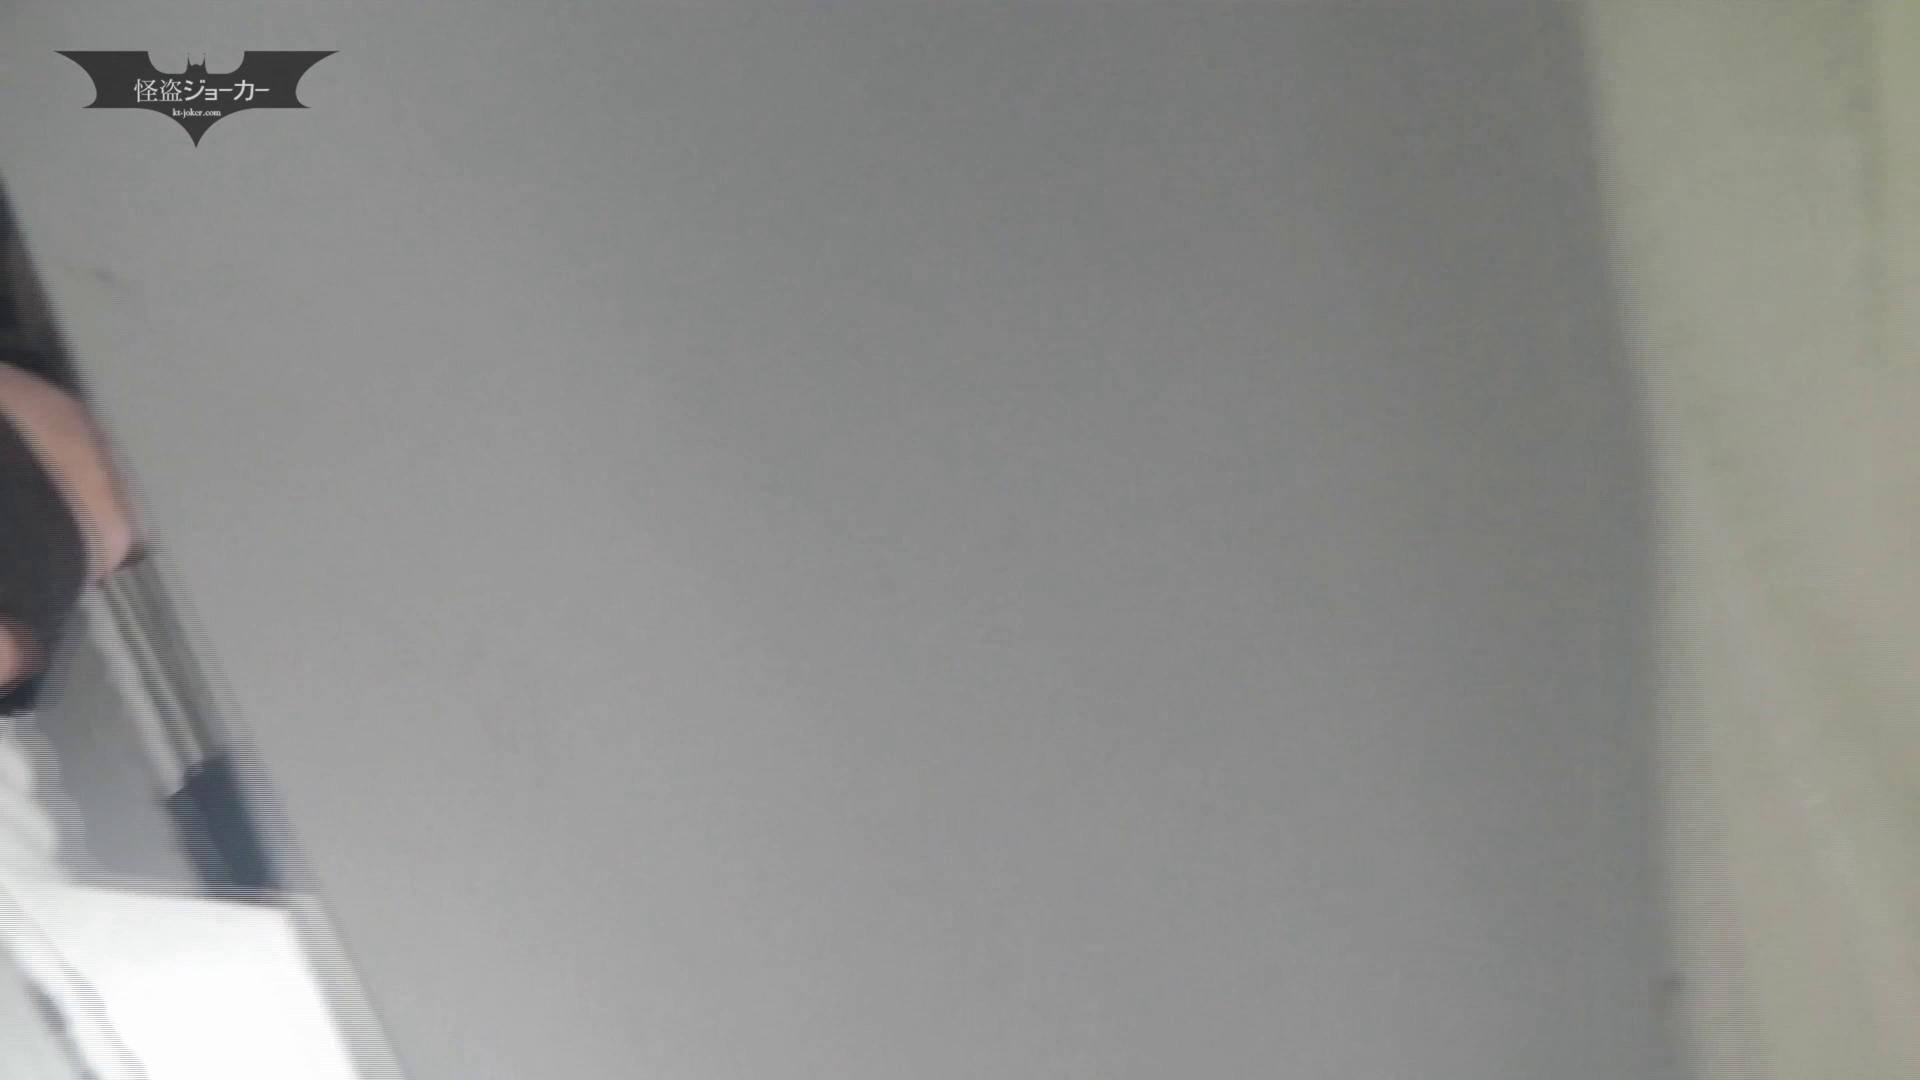 潜入!!台湾名門女学院 Vol.11 三尻同時狩り 美女達のヌード | 盗撮エロすぎ  65連発 23